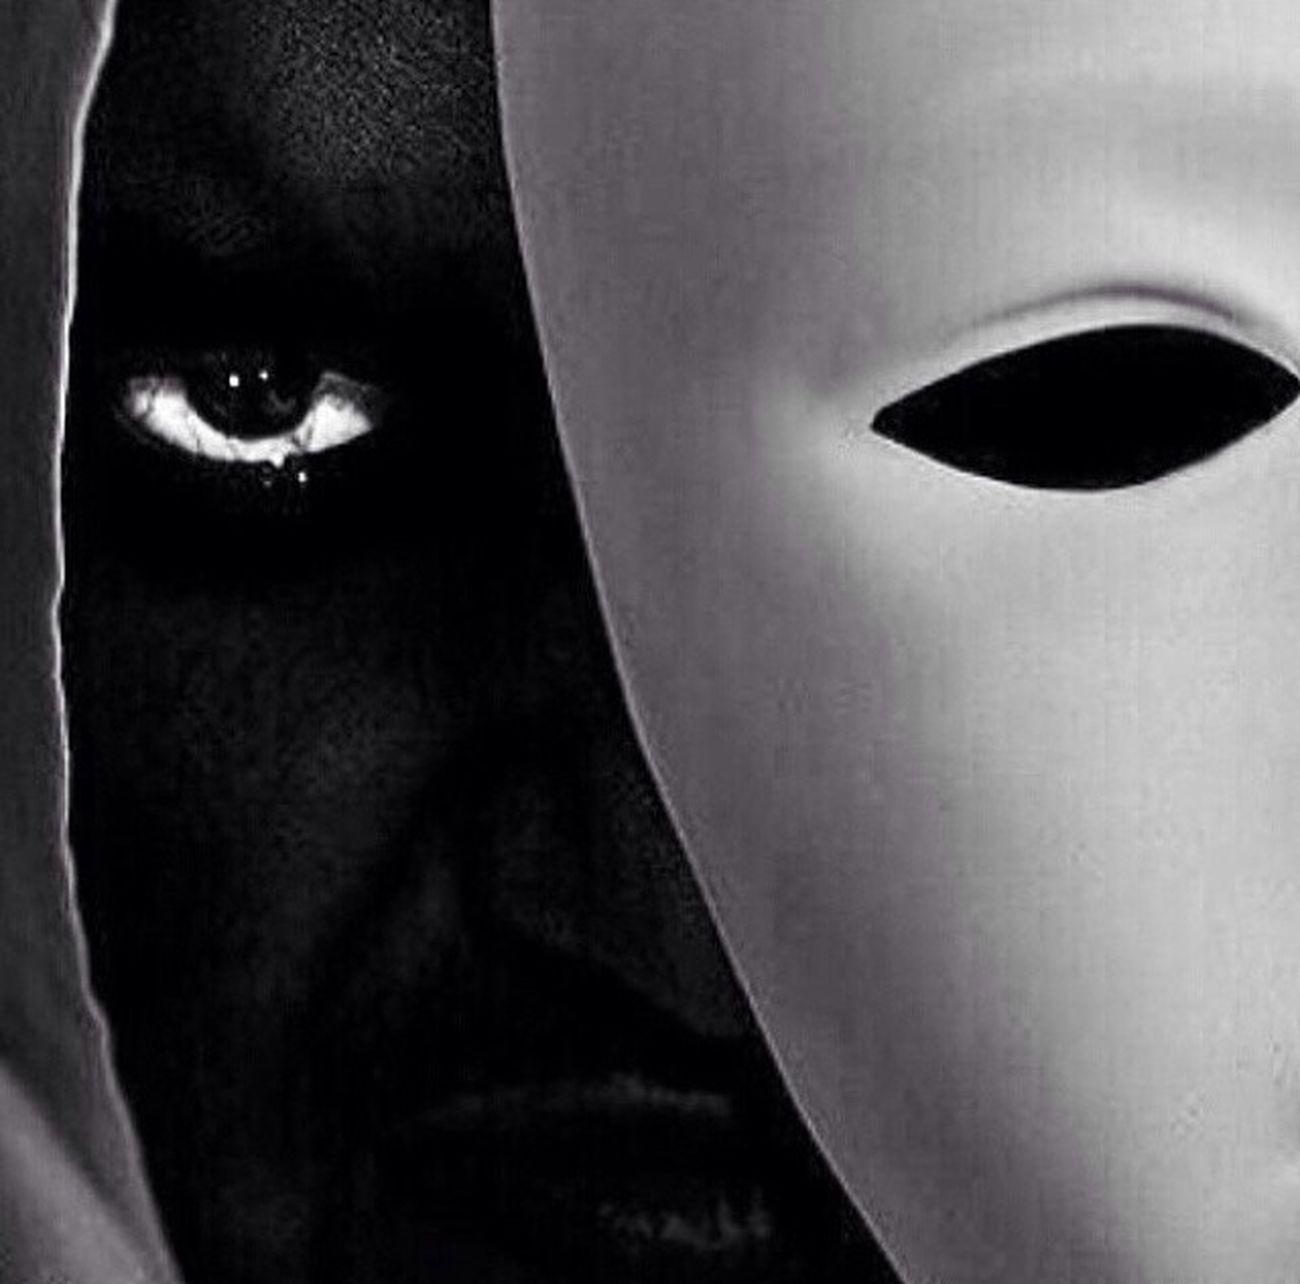 لا تحكم على الناس من المظهر الخارجي فا المظهر تخدع العيون و الروح ولاكن الأفعال هي التي تدل على الناس